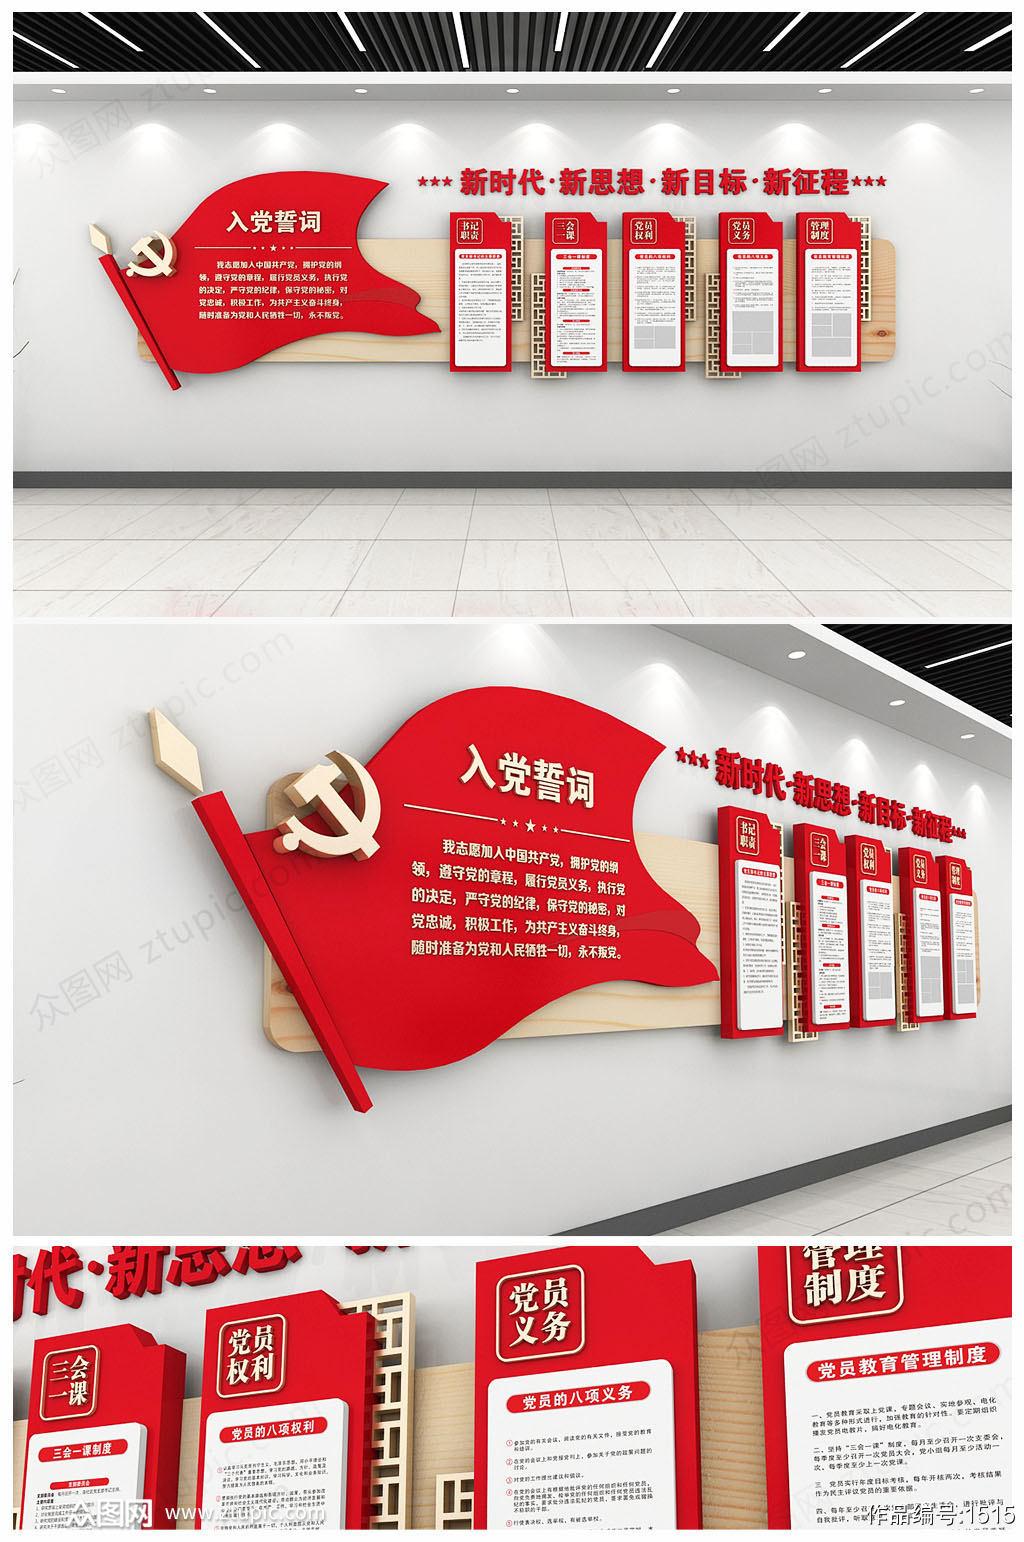 红色党旗创意党建文化墙设计效果图素材